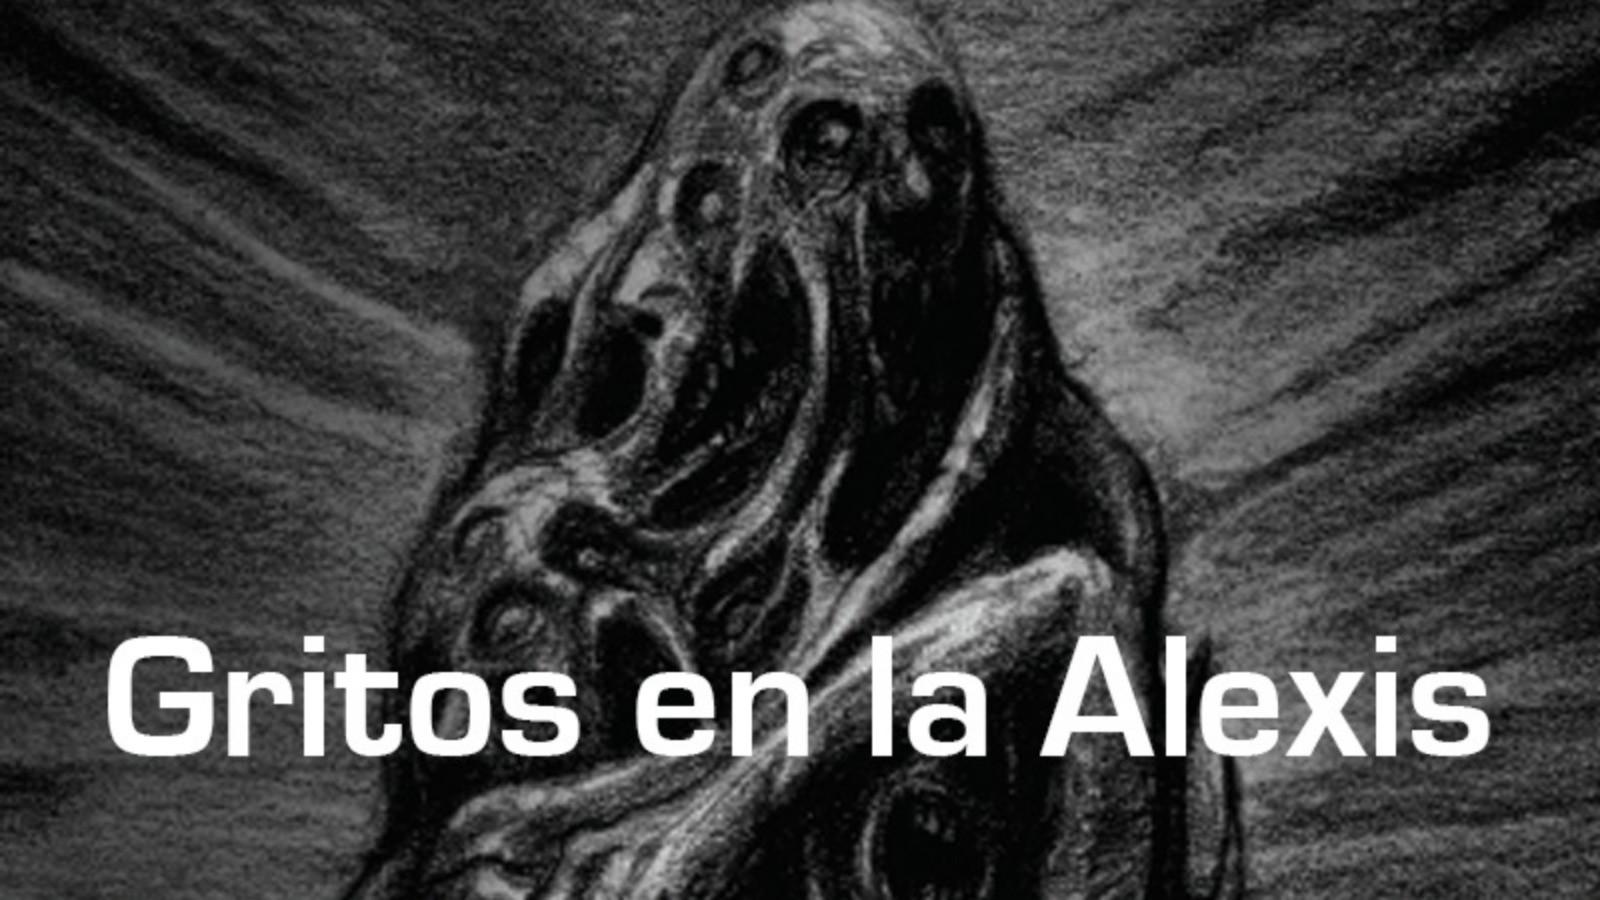 Resistencia Lúdica - Gritos en la Alexis (Mothership)